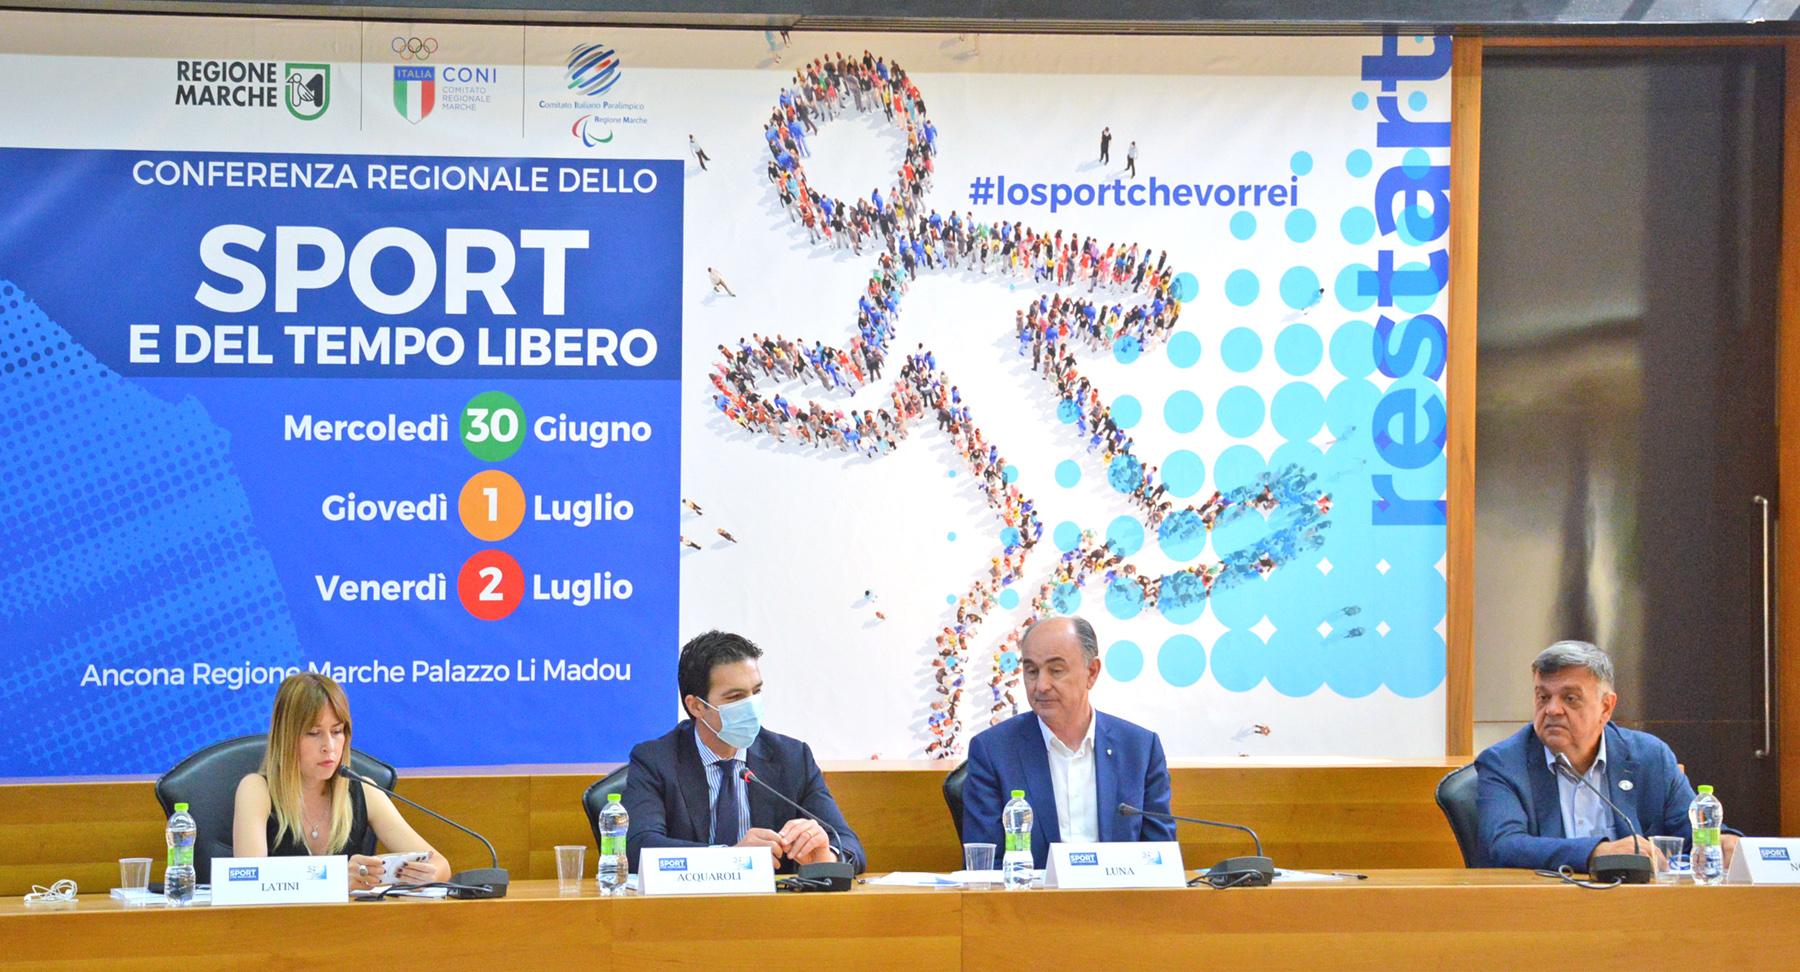 Marche, la Conferenza Regionale dello Sport e del Tempo Libero